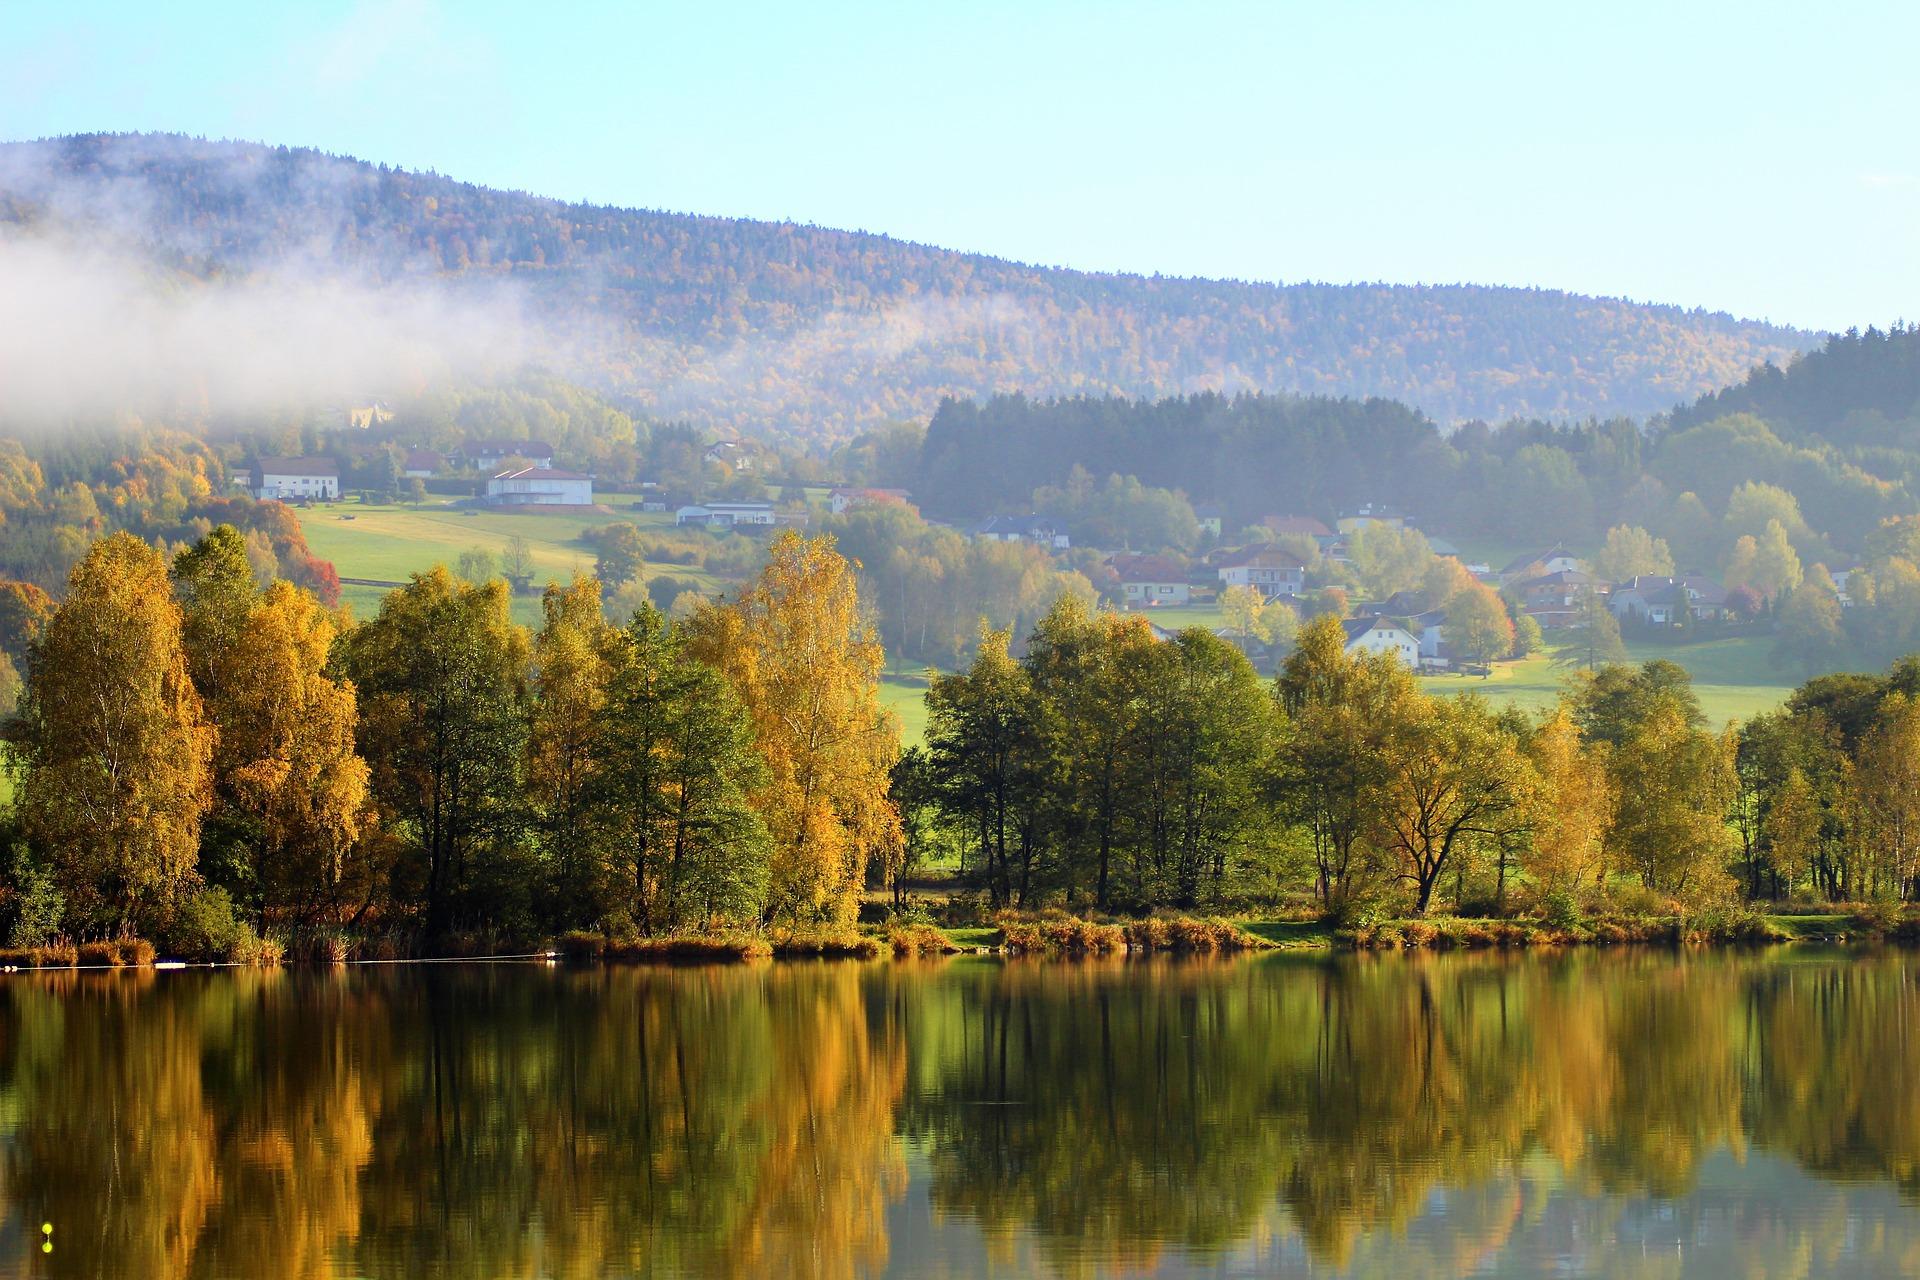 Po celom svete sa lesy zmenšujú v dôsledku odlesňovania, rozvoja miest a zmeny klímy. V Európe sa ale tento trend zmenil.